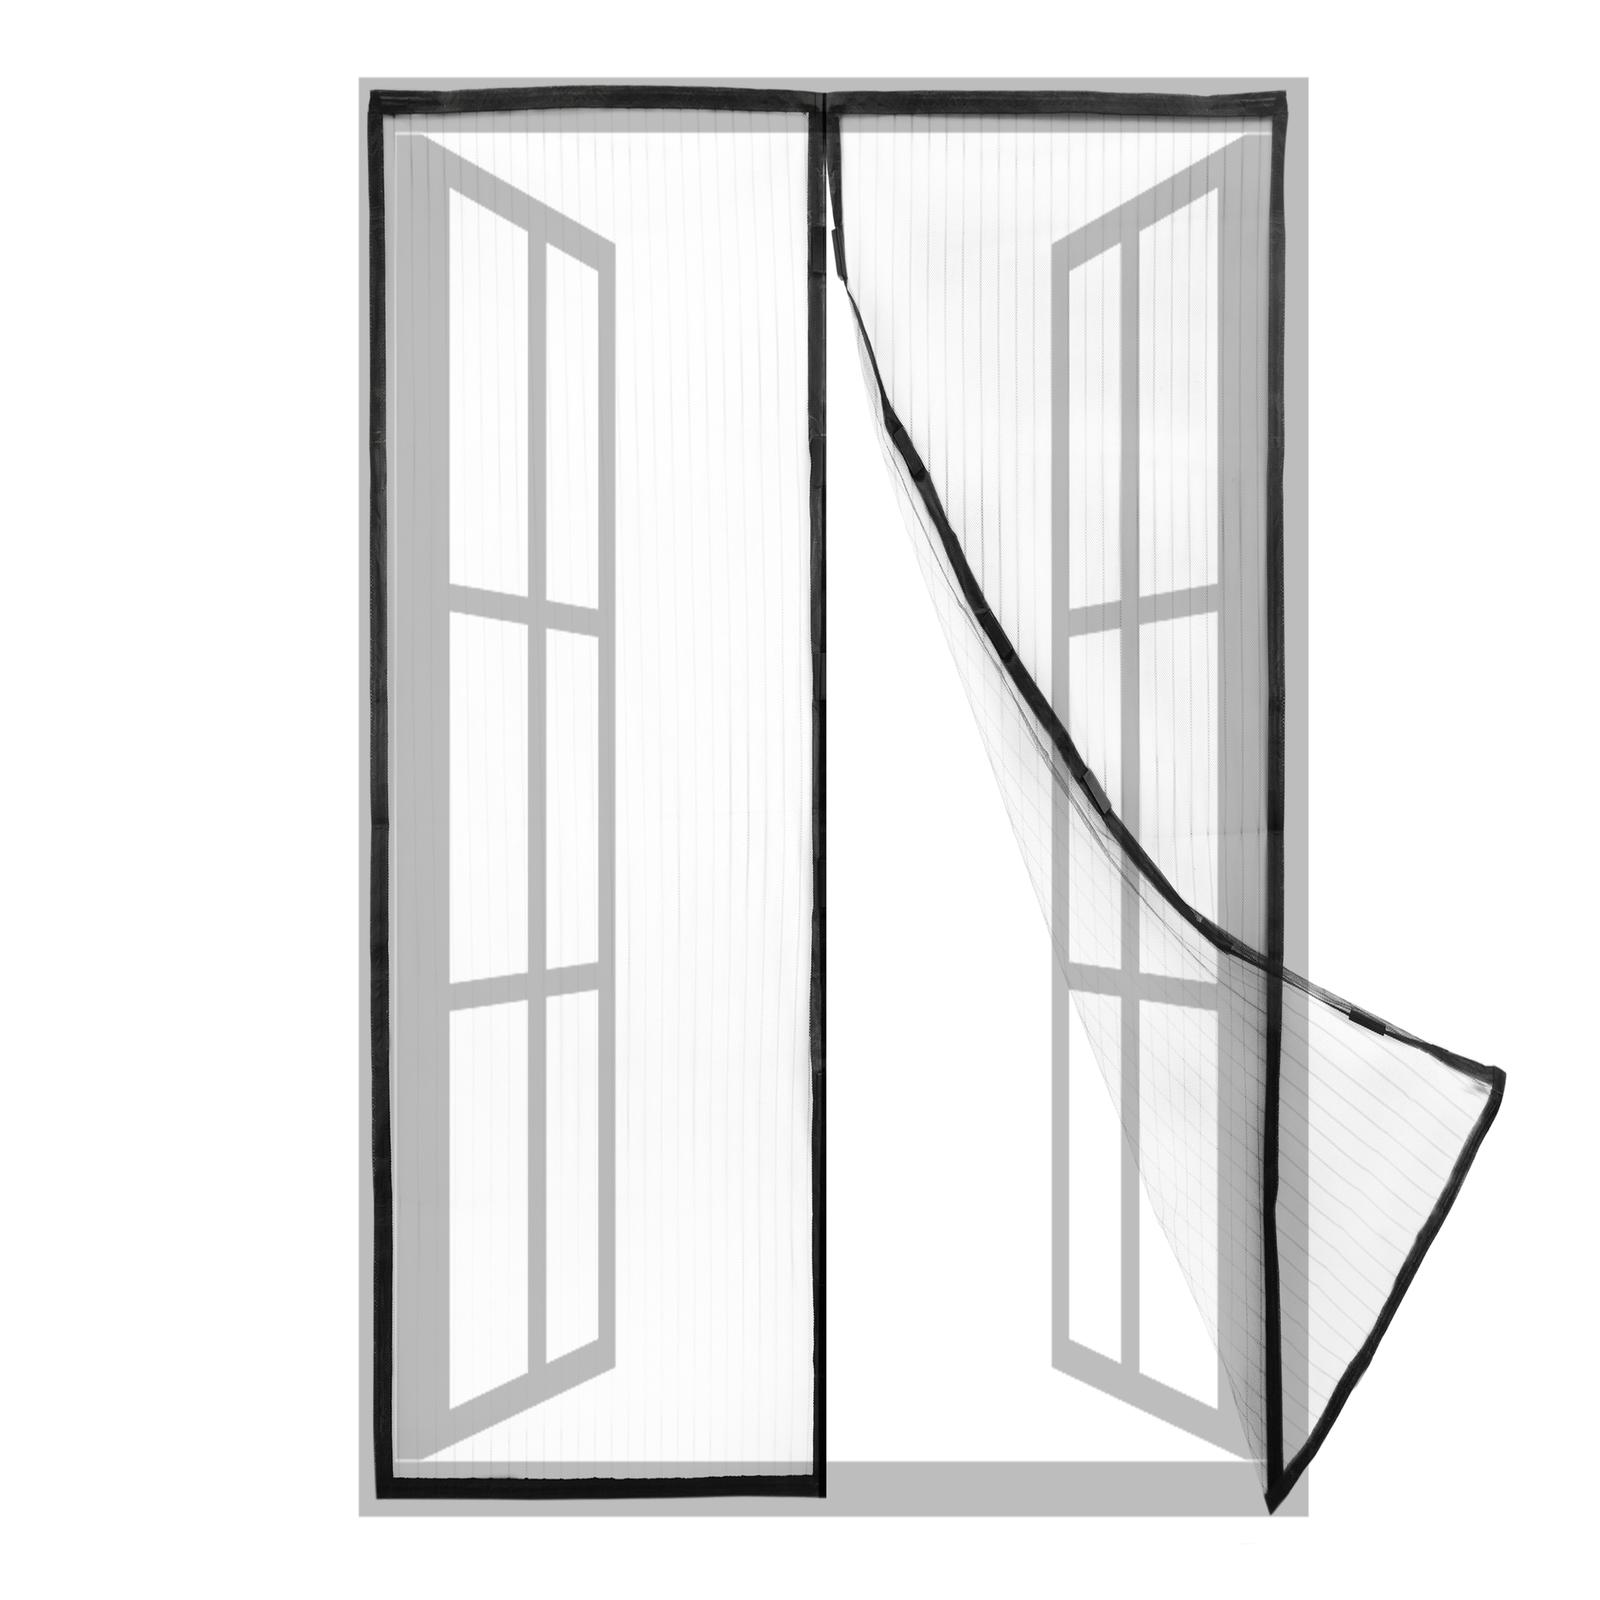 31x39Pouces -B Moustiquaire porte Magn/étique,Moustiquaire fen/être magn/étique Bande Adhesive Sans Per/çage Fermeture Automatique pour Couloirs Portes Patio-80x100Cm